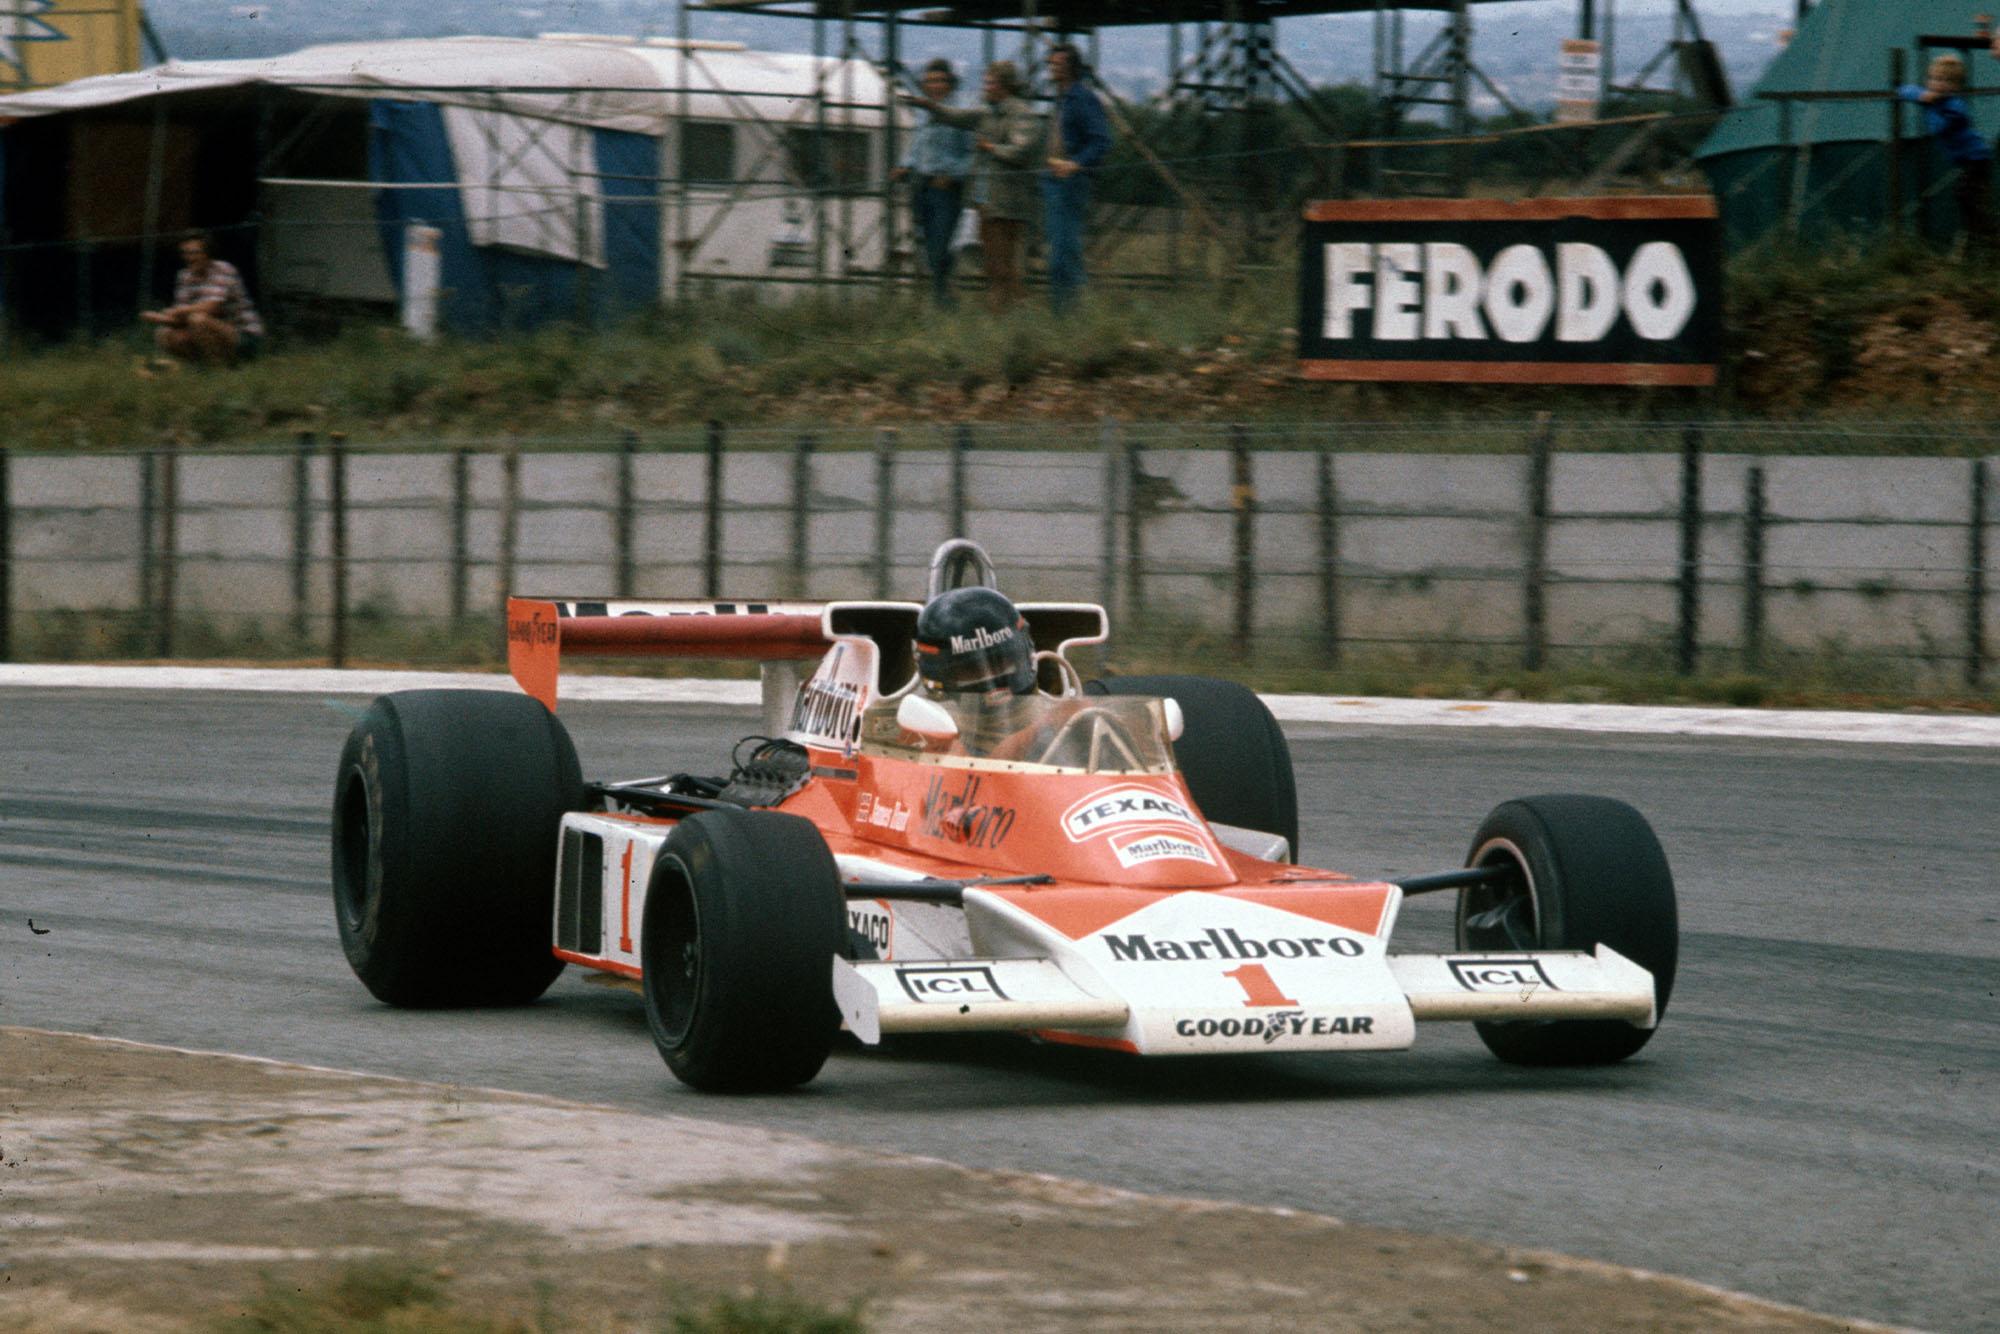 James Hunt (McLAren) driving at the 1997 South African Grand Prix, Kyalami.